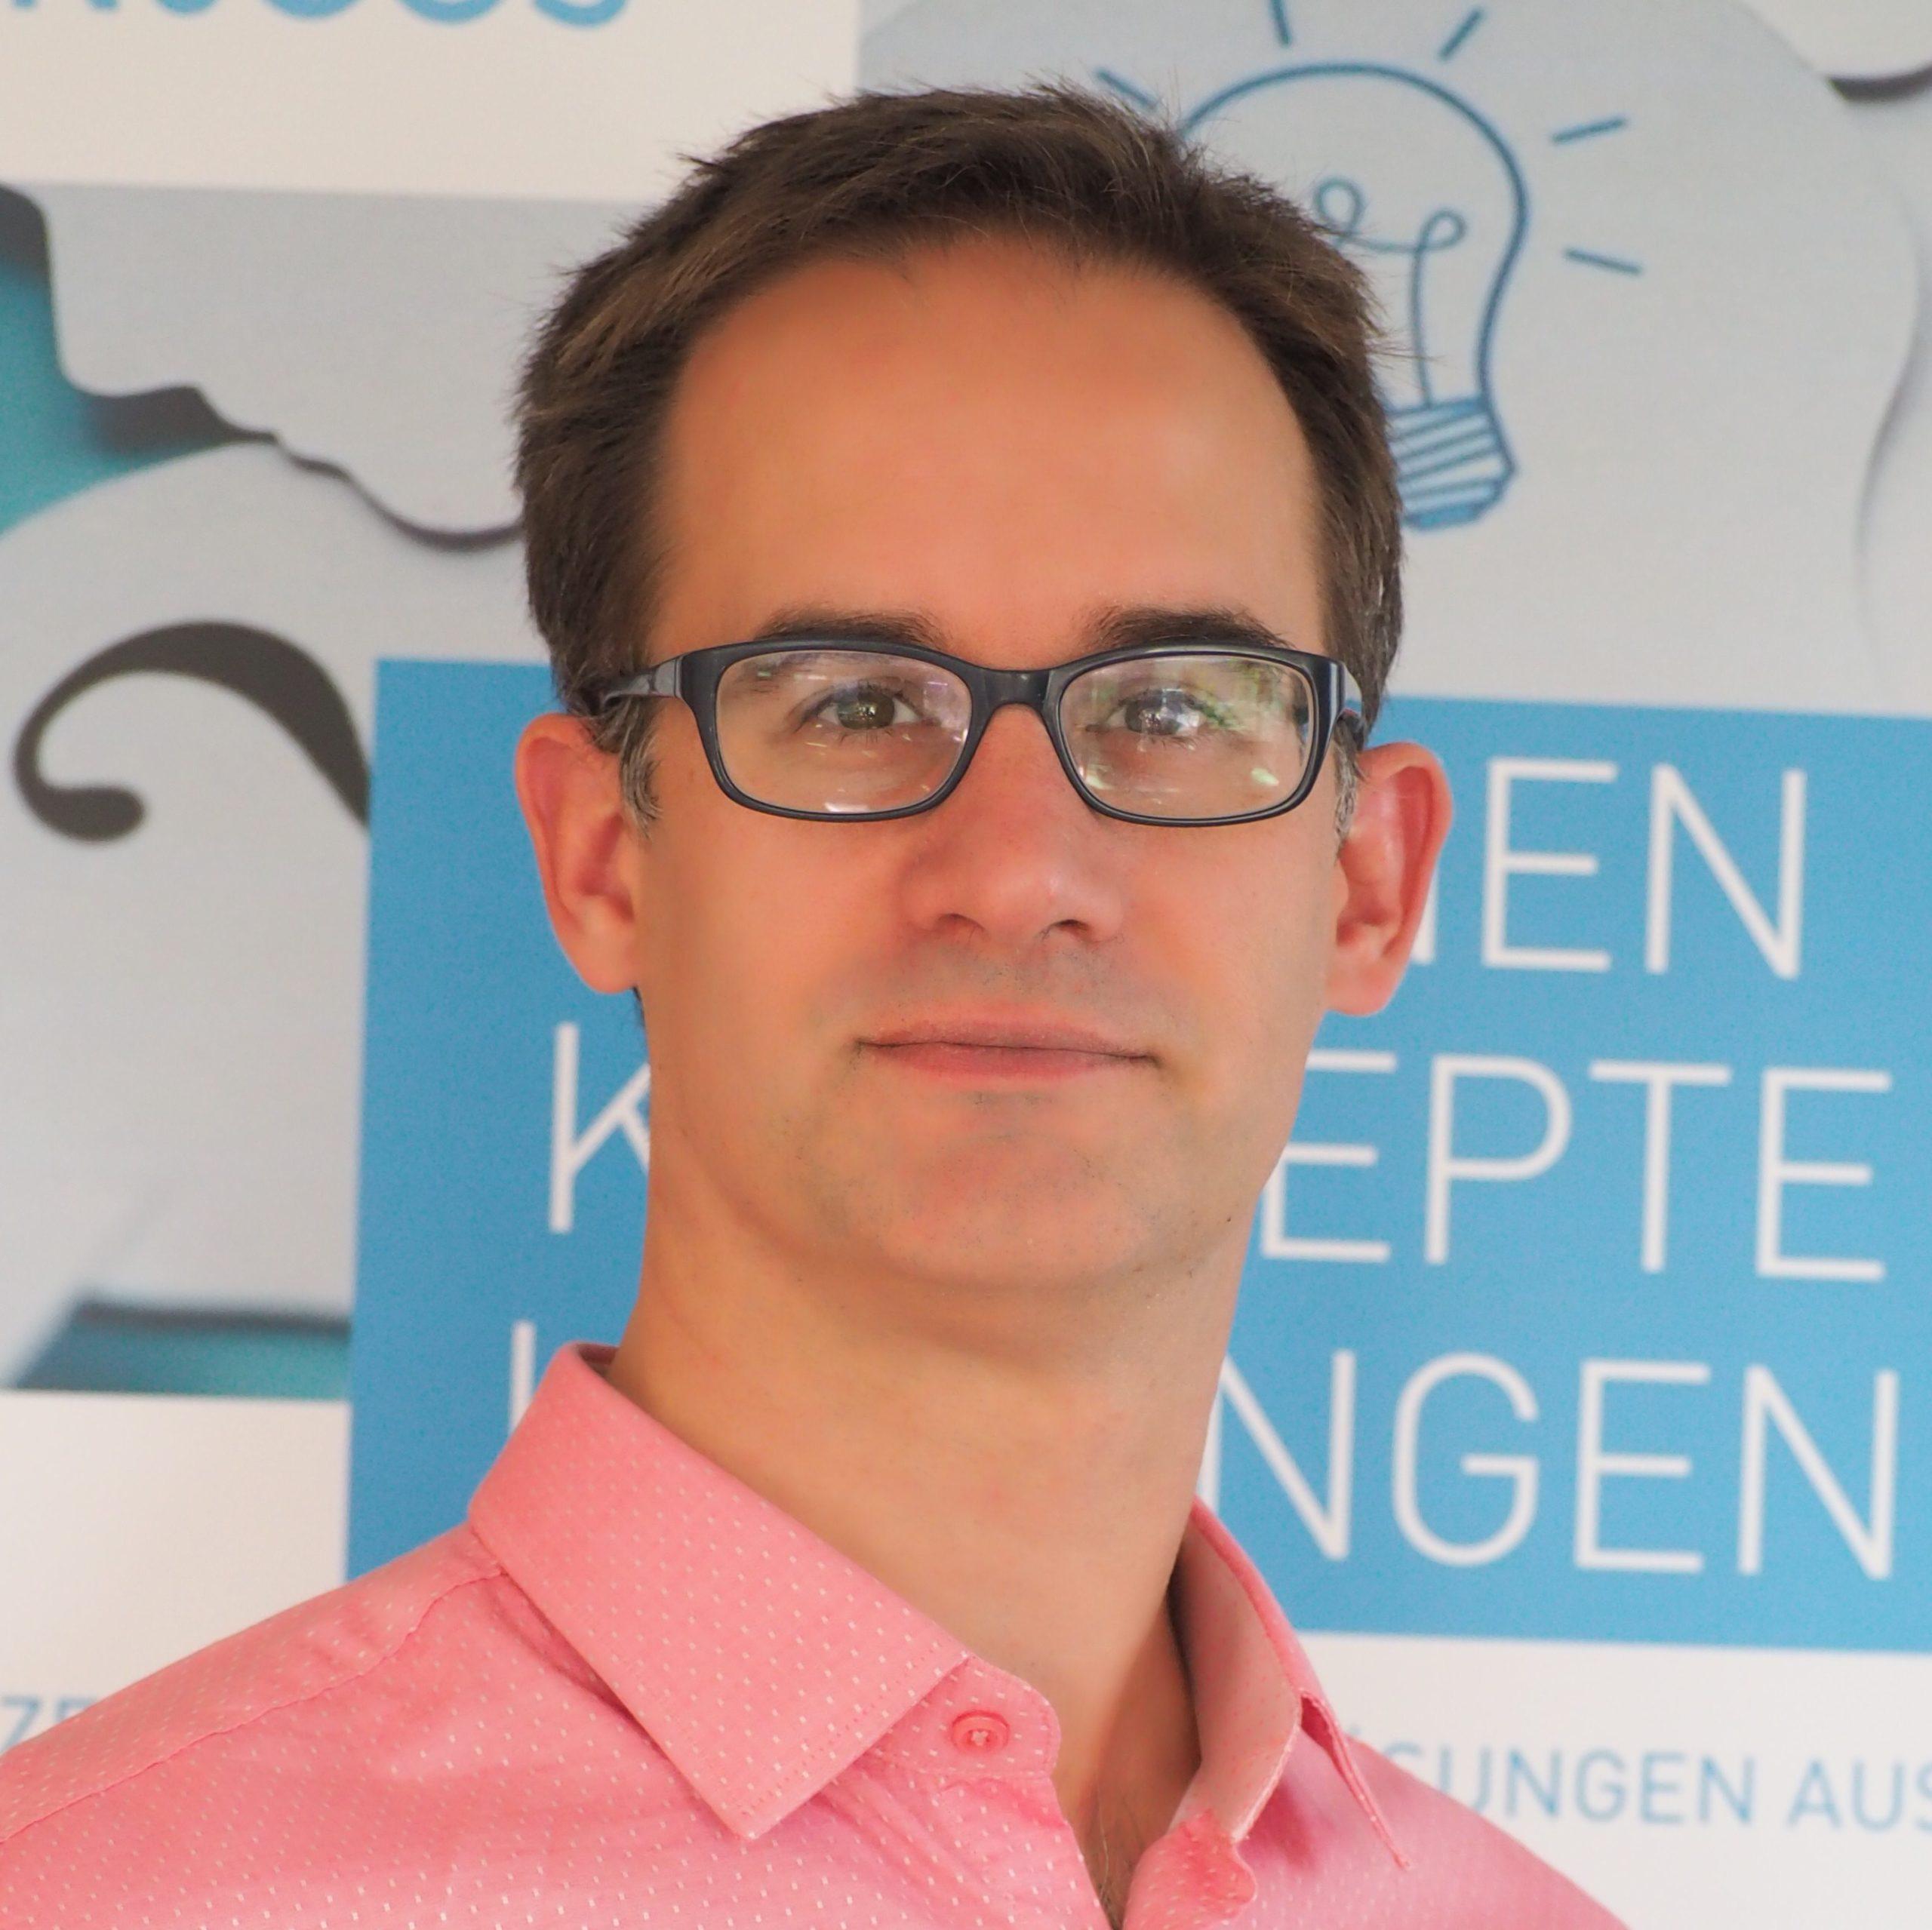 Johannes Eckstein